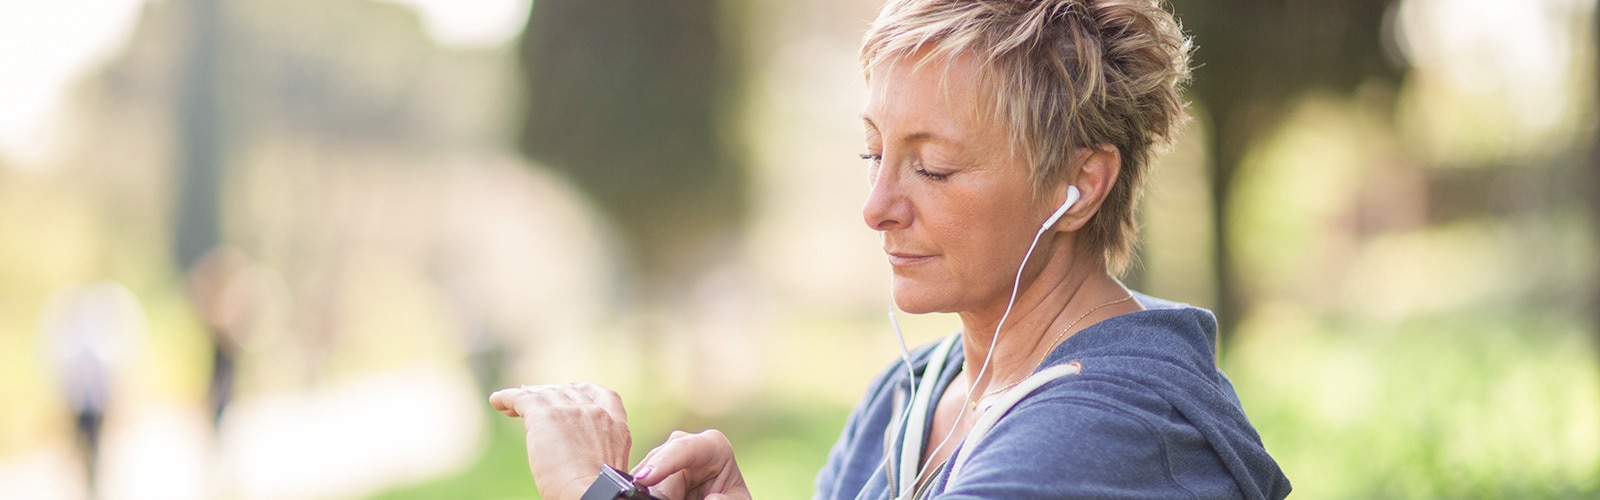 Eine Joggerin mit Ohrstöpseln schaut auf ihre Uhr